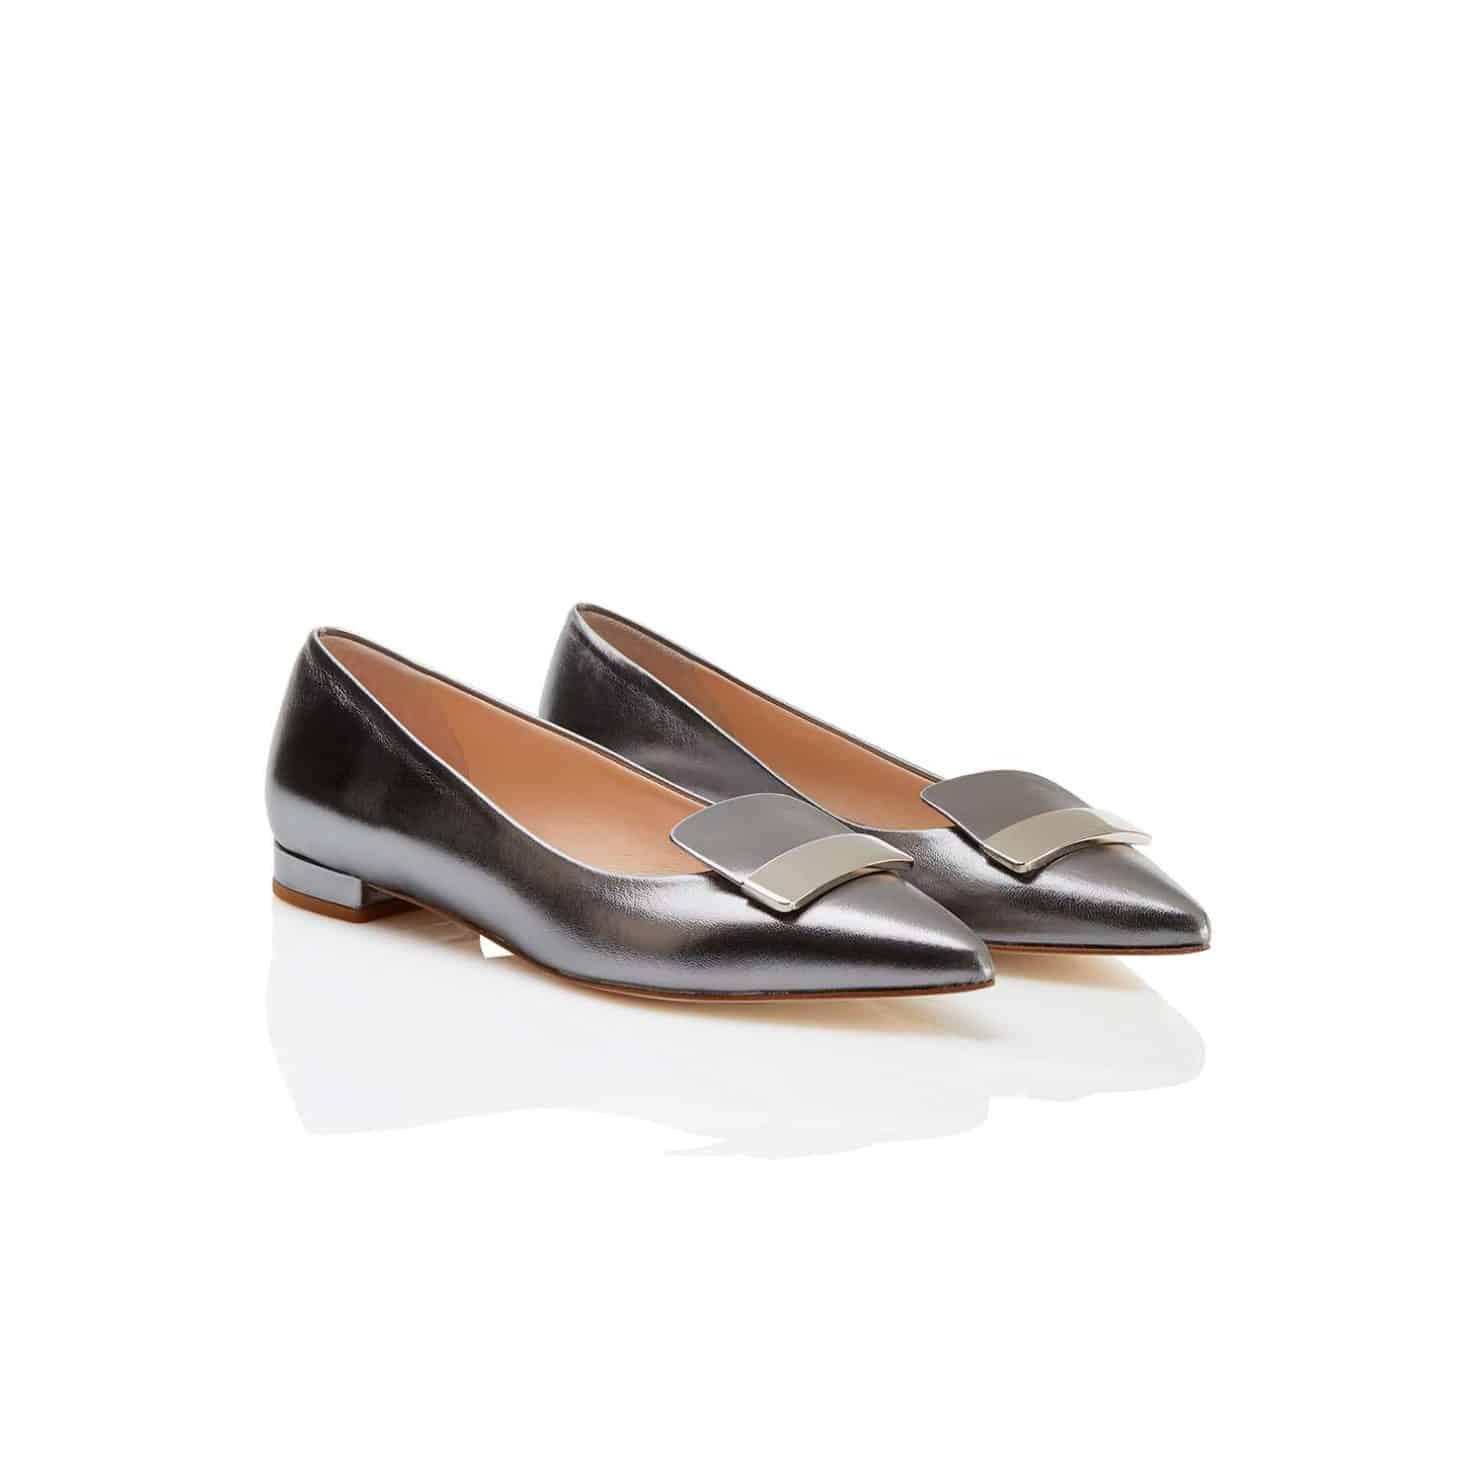 Contigo scarpa bassa elegante laminato acciaio – prezzo  149 euro c23b179a6d7